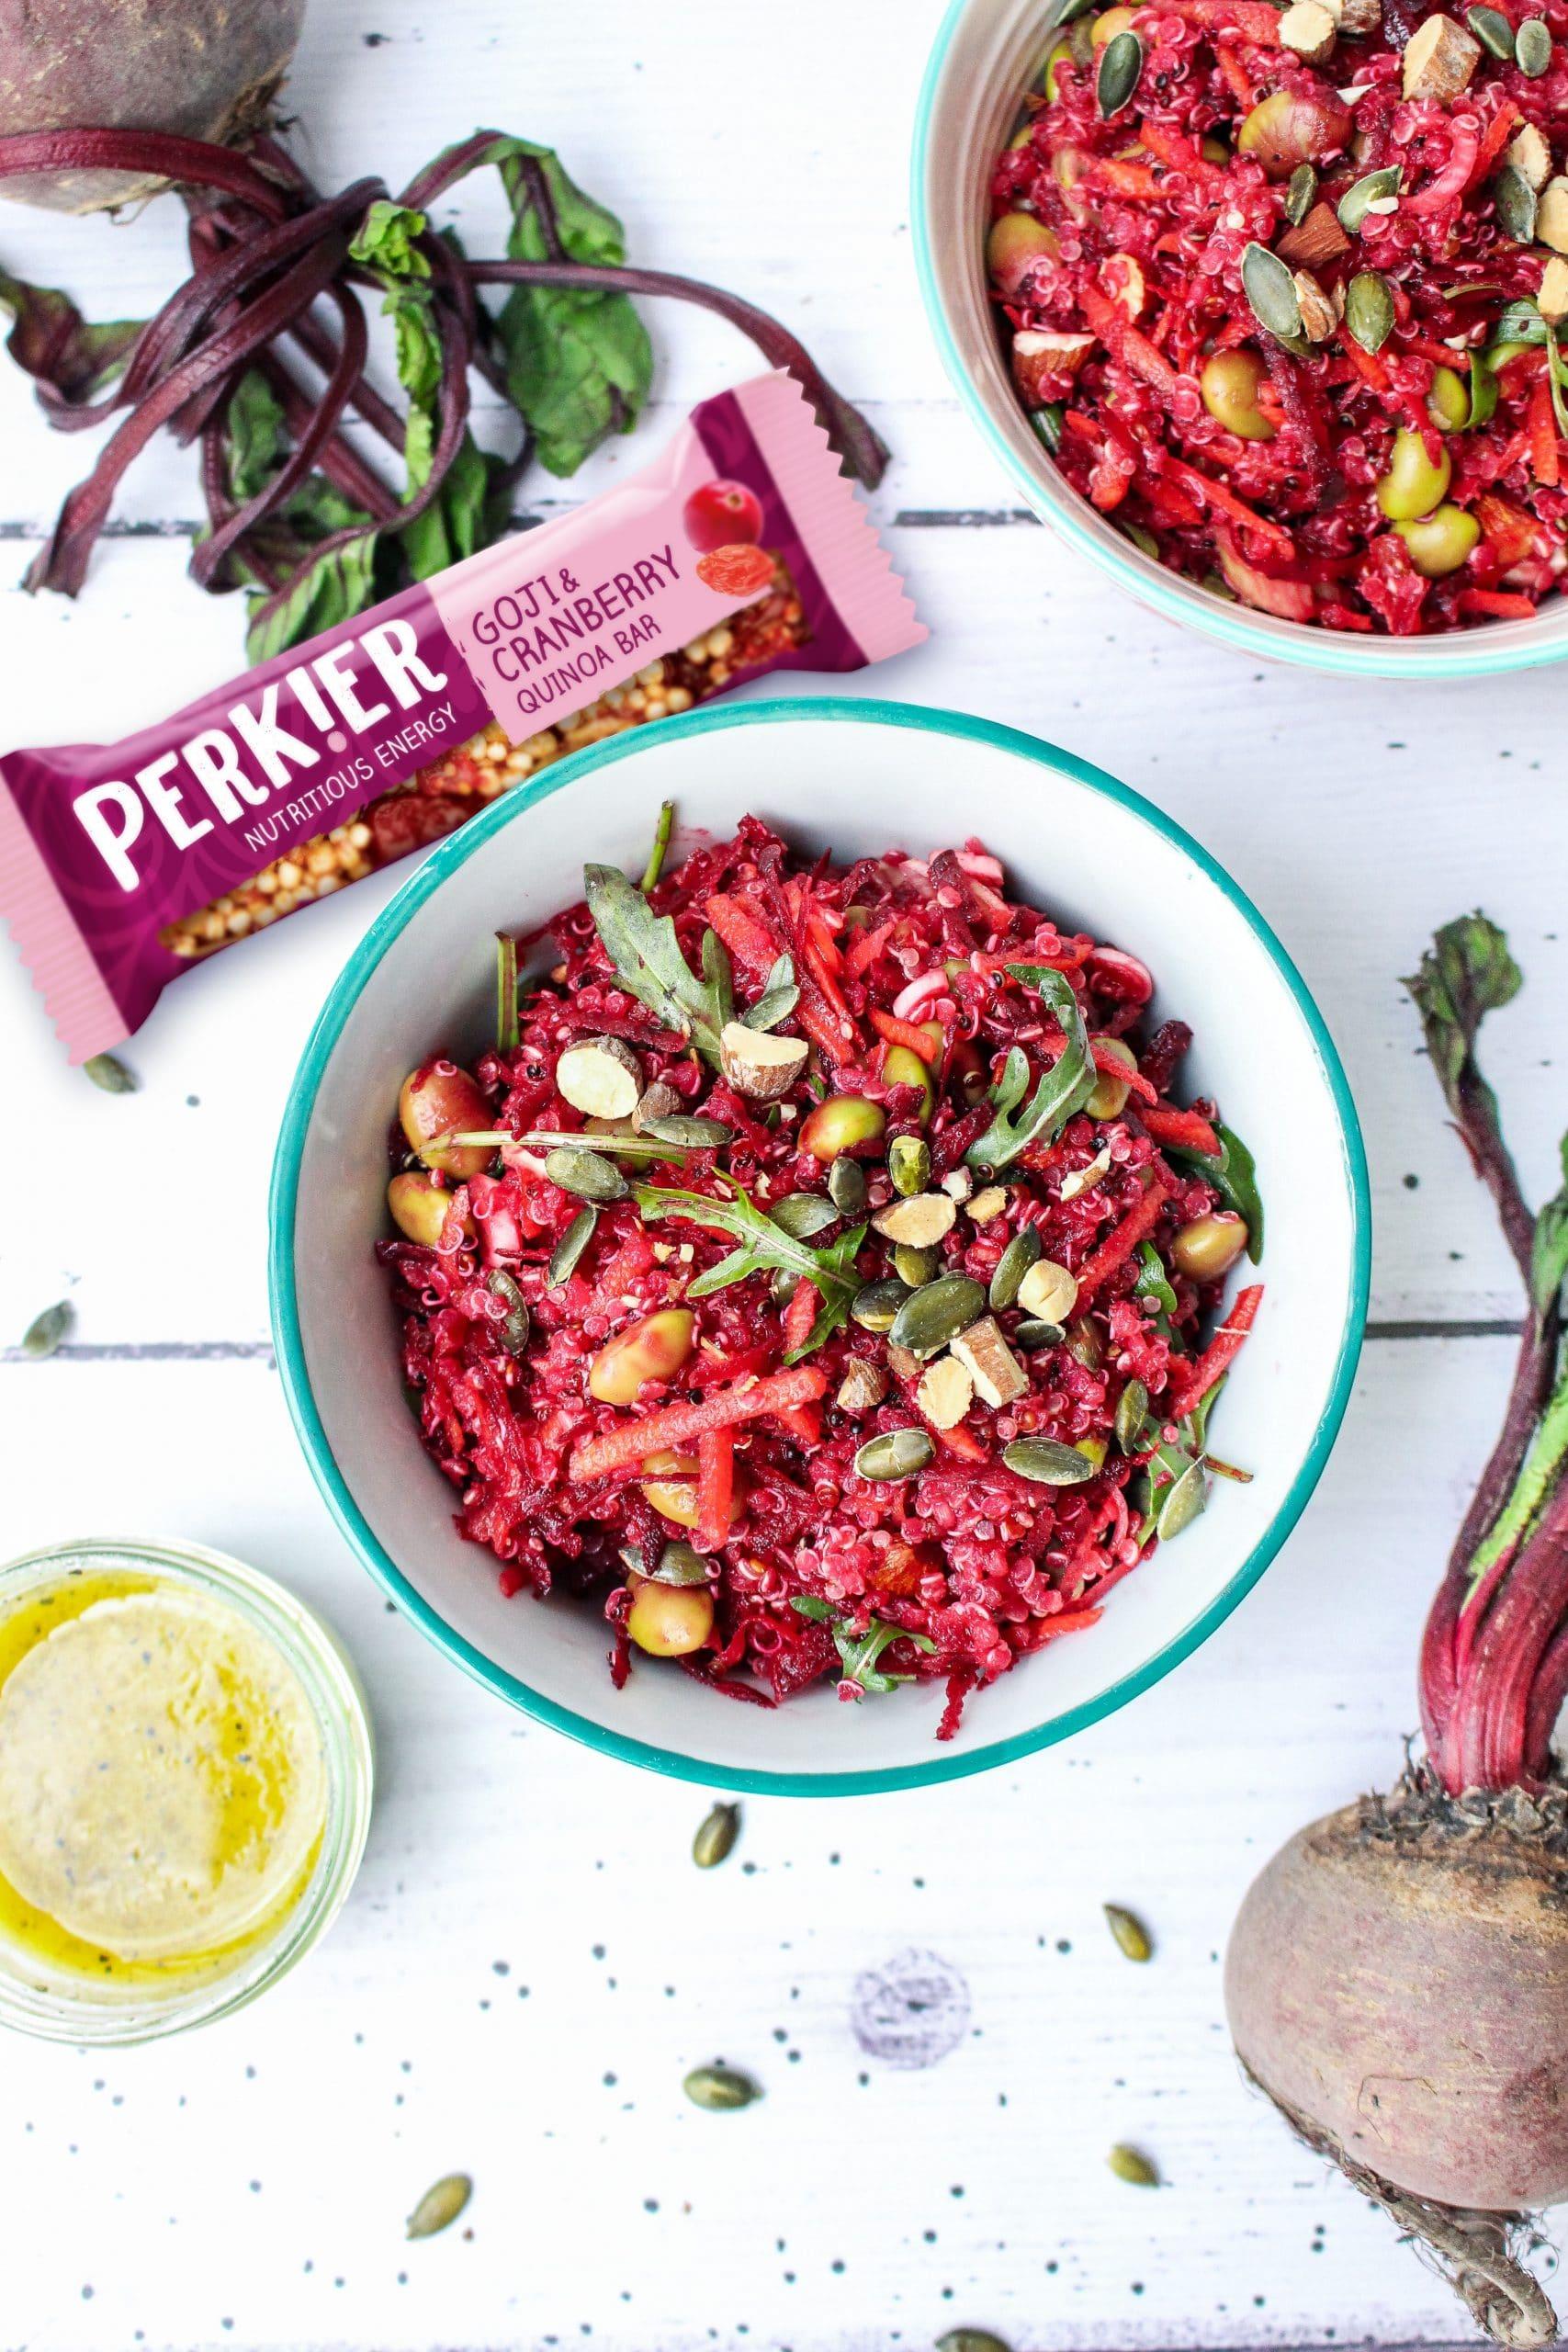 Perkier-Rainbow-Quinoa